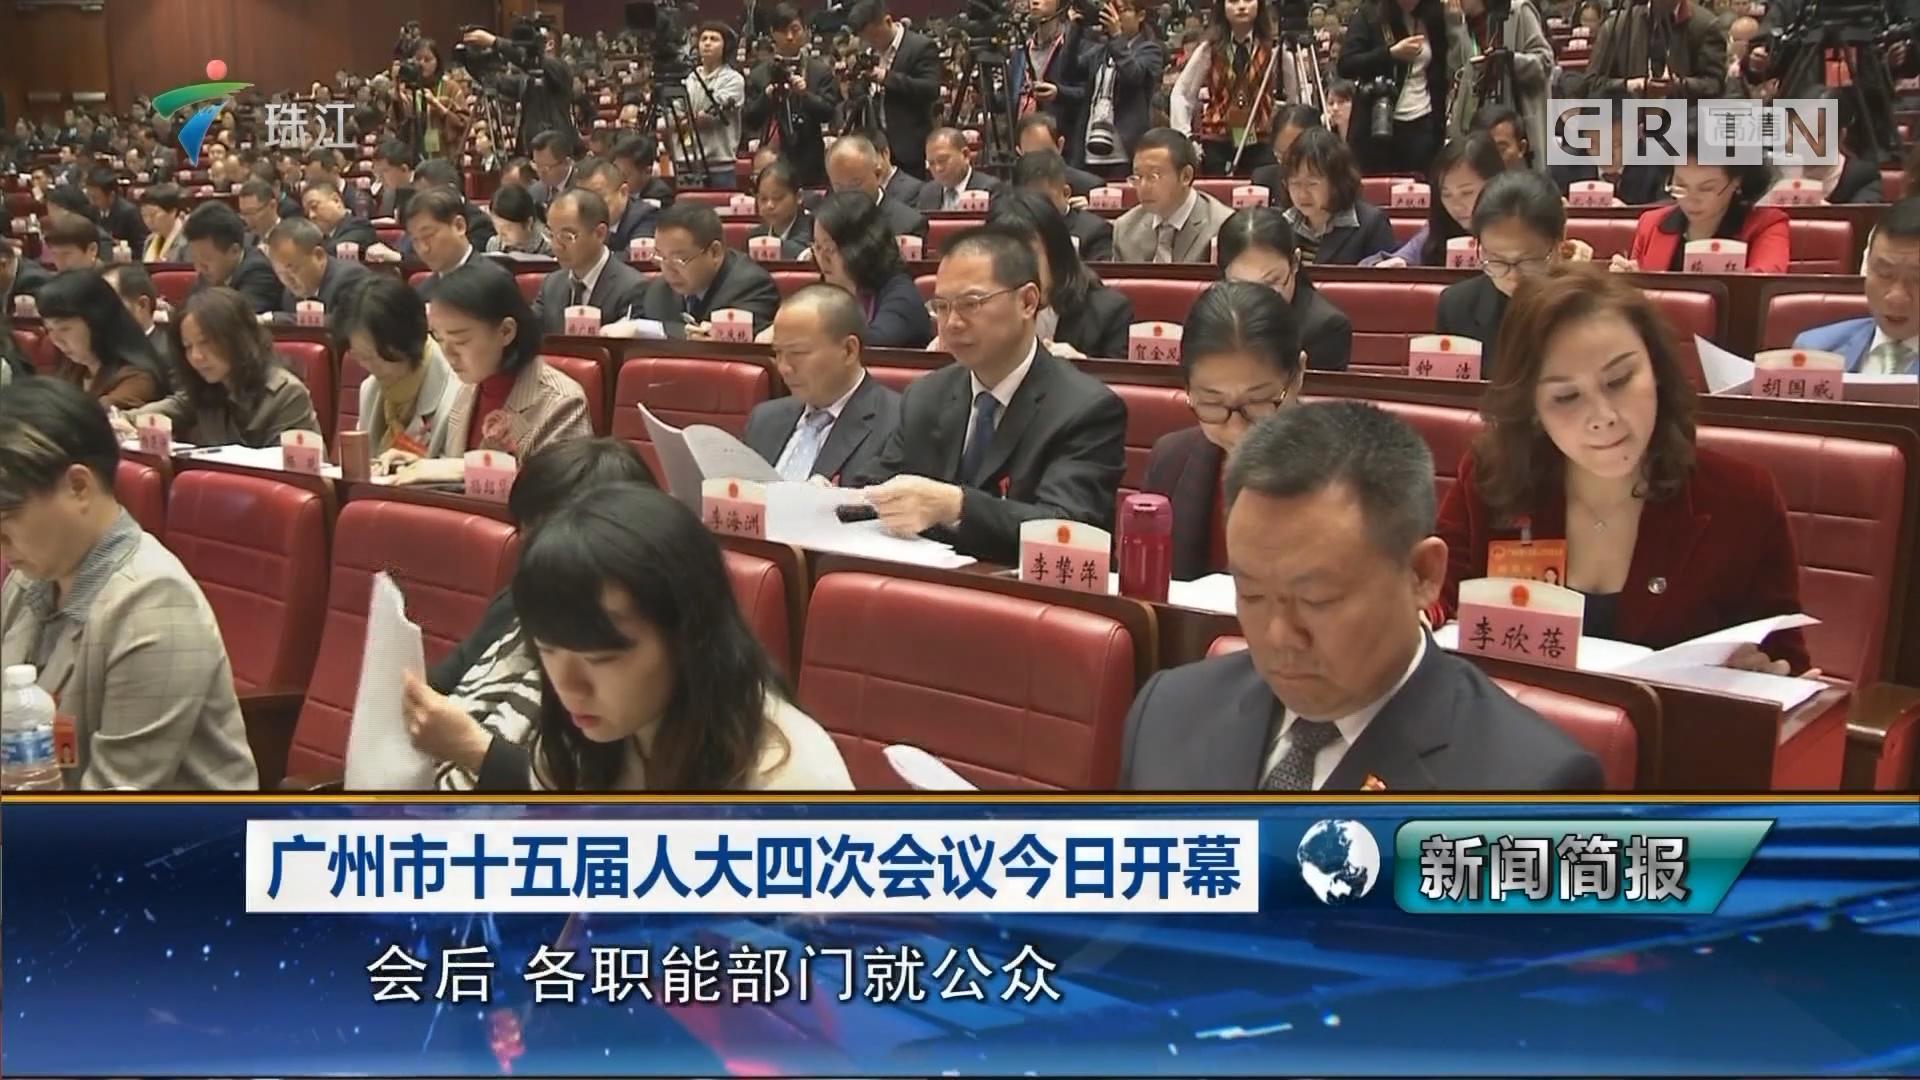 广州市十五届人大四次会议今日开幕